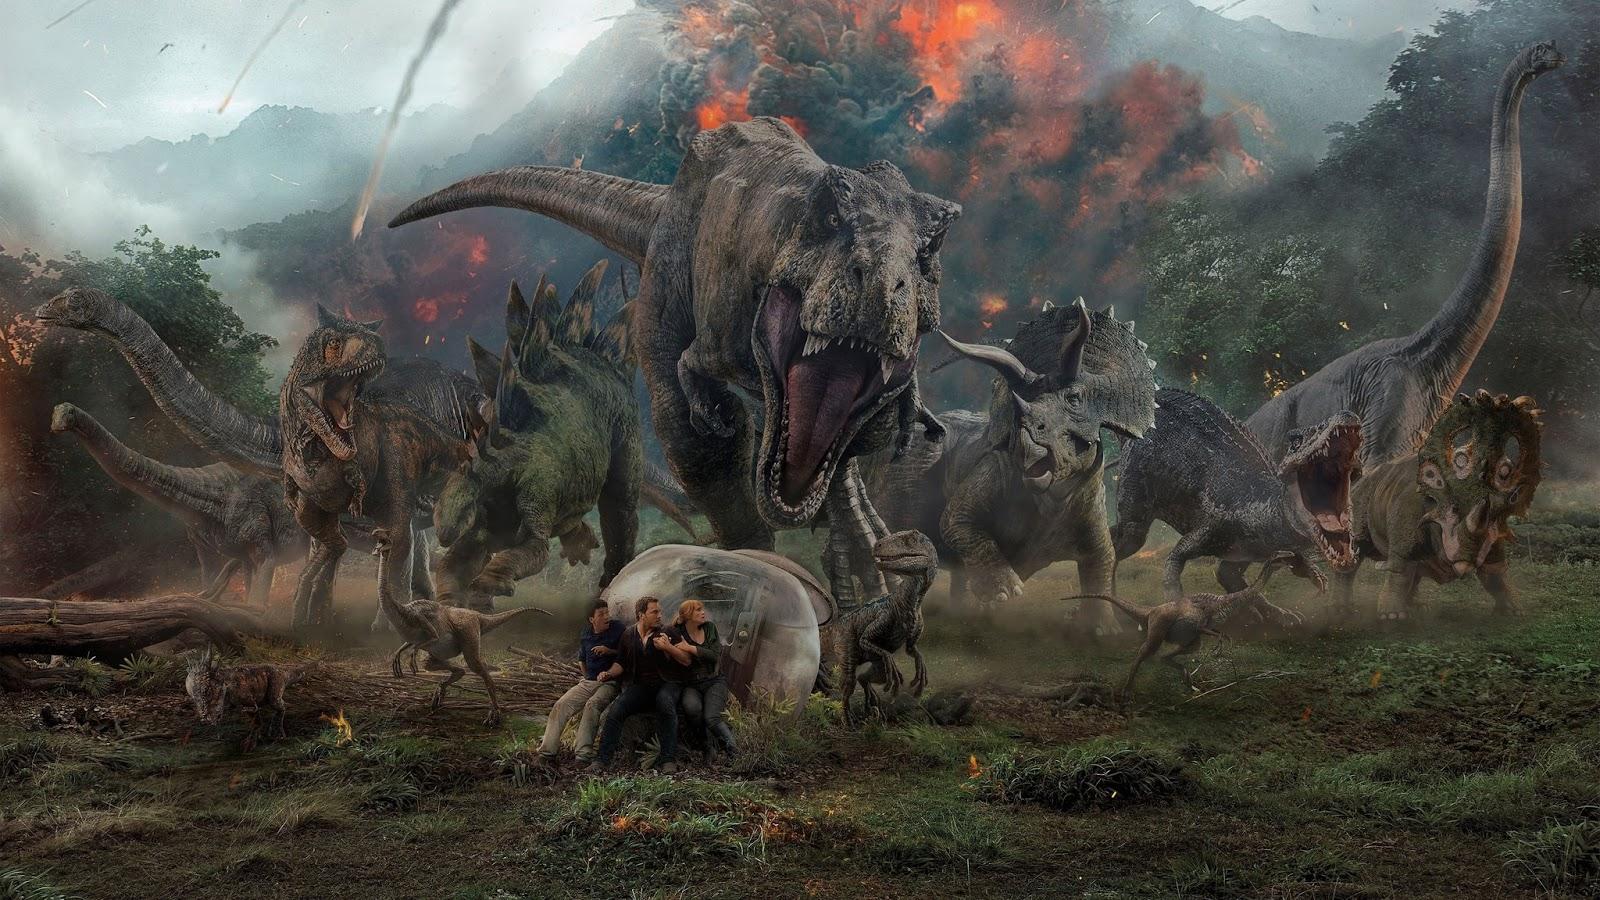 Affiche IMAX pour Jurassic World : Fallen Kingdom de Juan Antonio Bayona -  Fucking Cinephiles - Le meilleur du cinéma par les plus BadAss des  cinéphiles !